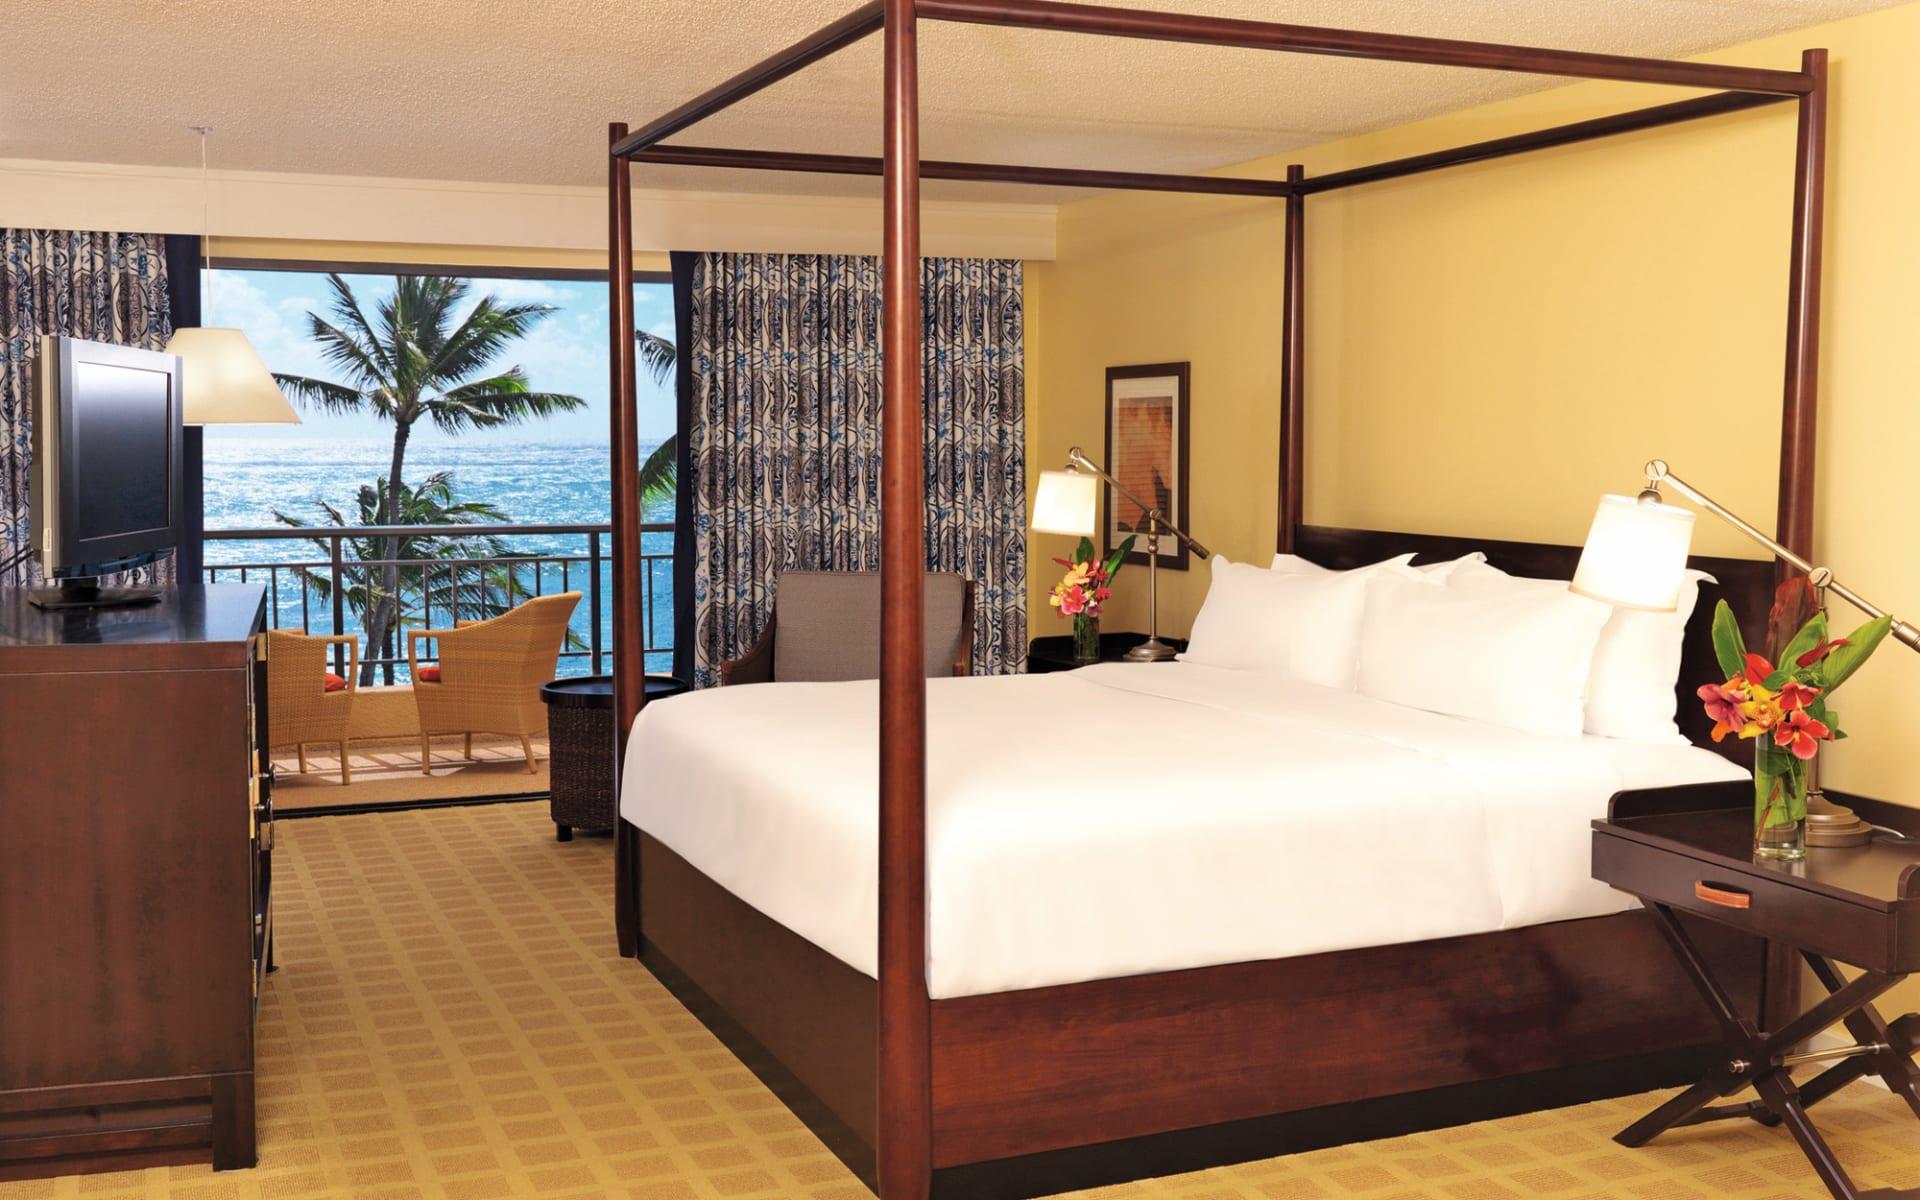 Sheraton Kauai Resort in Poipu - Kauai: zimmer sheraton kauia resort doppelzimmer meersicht